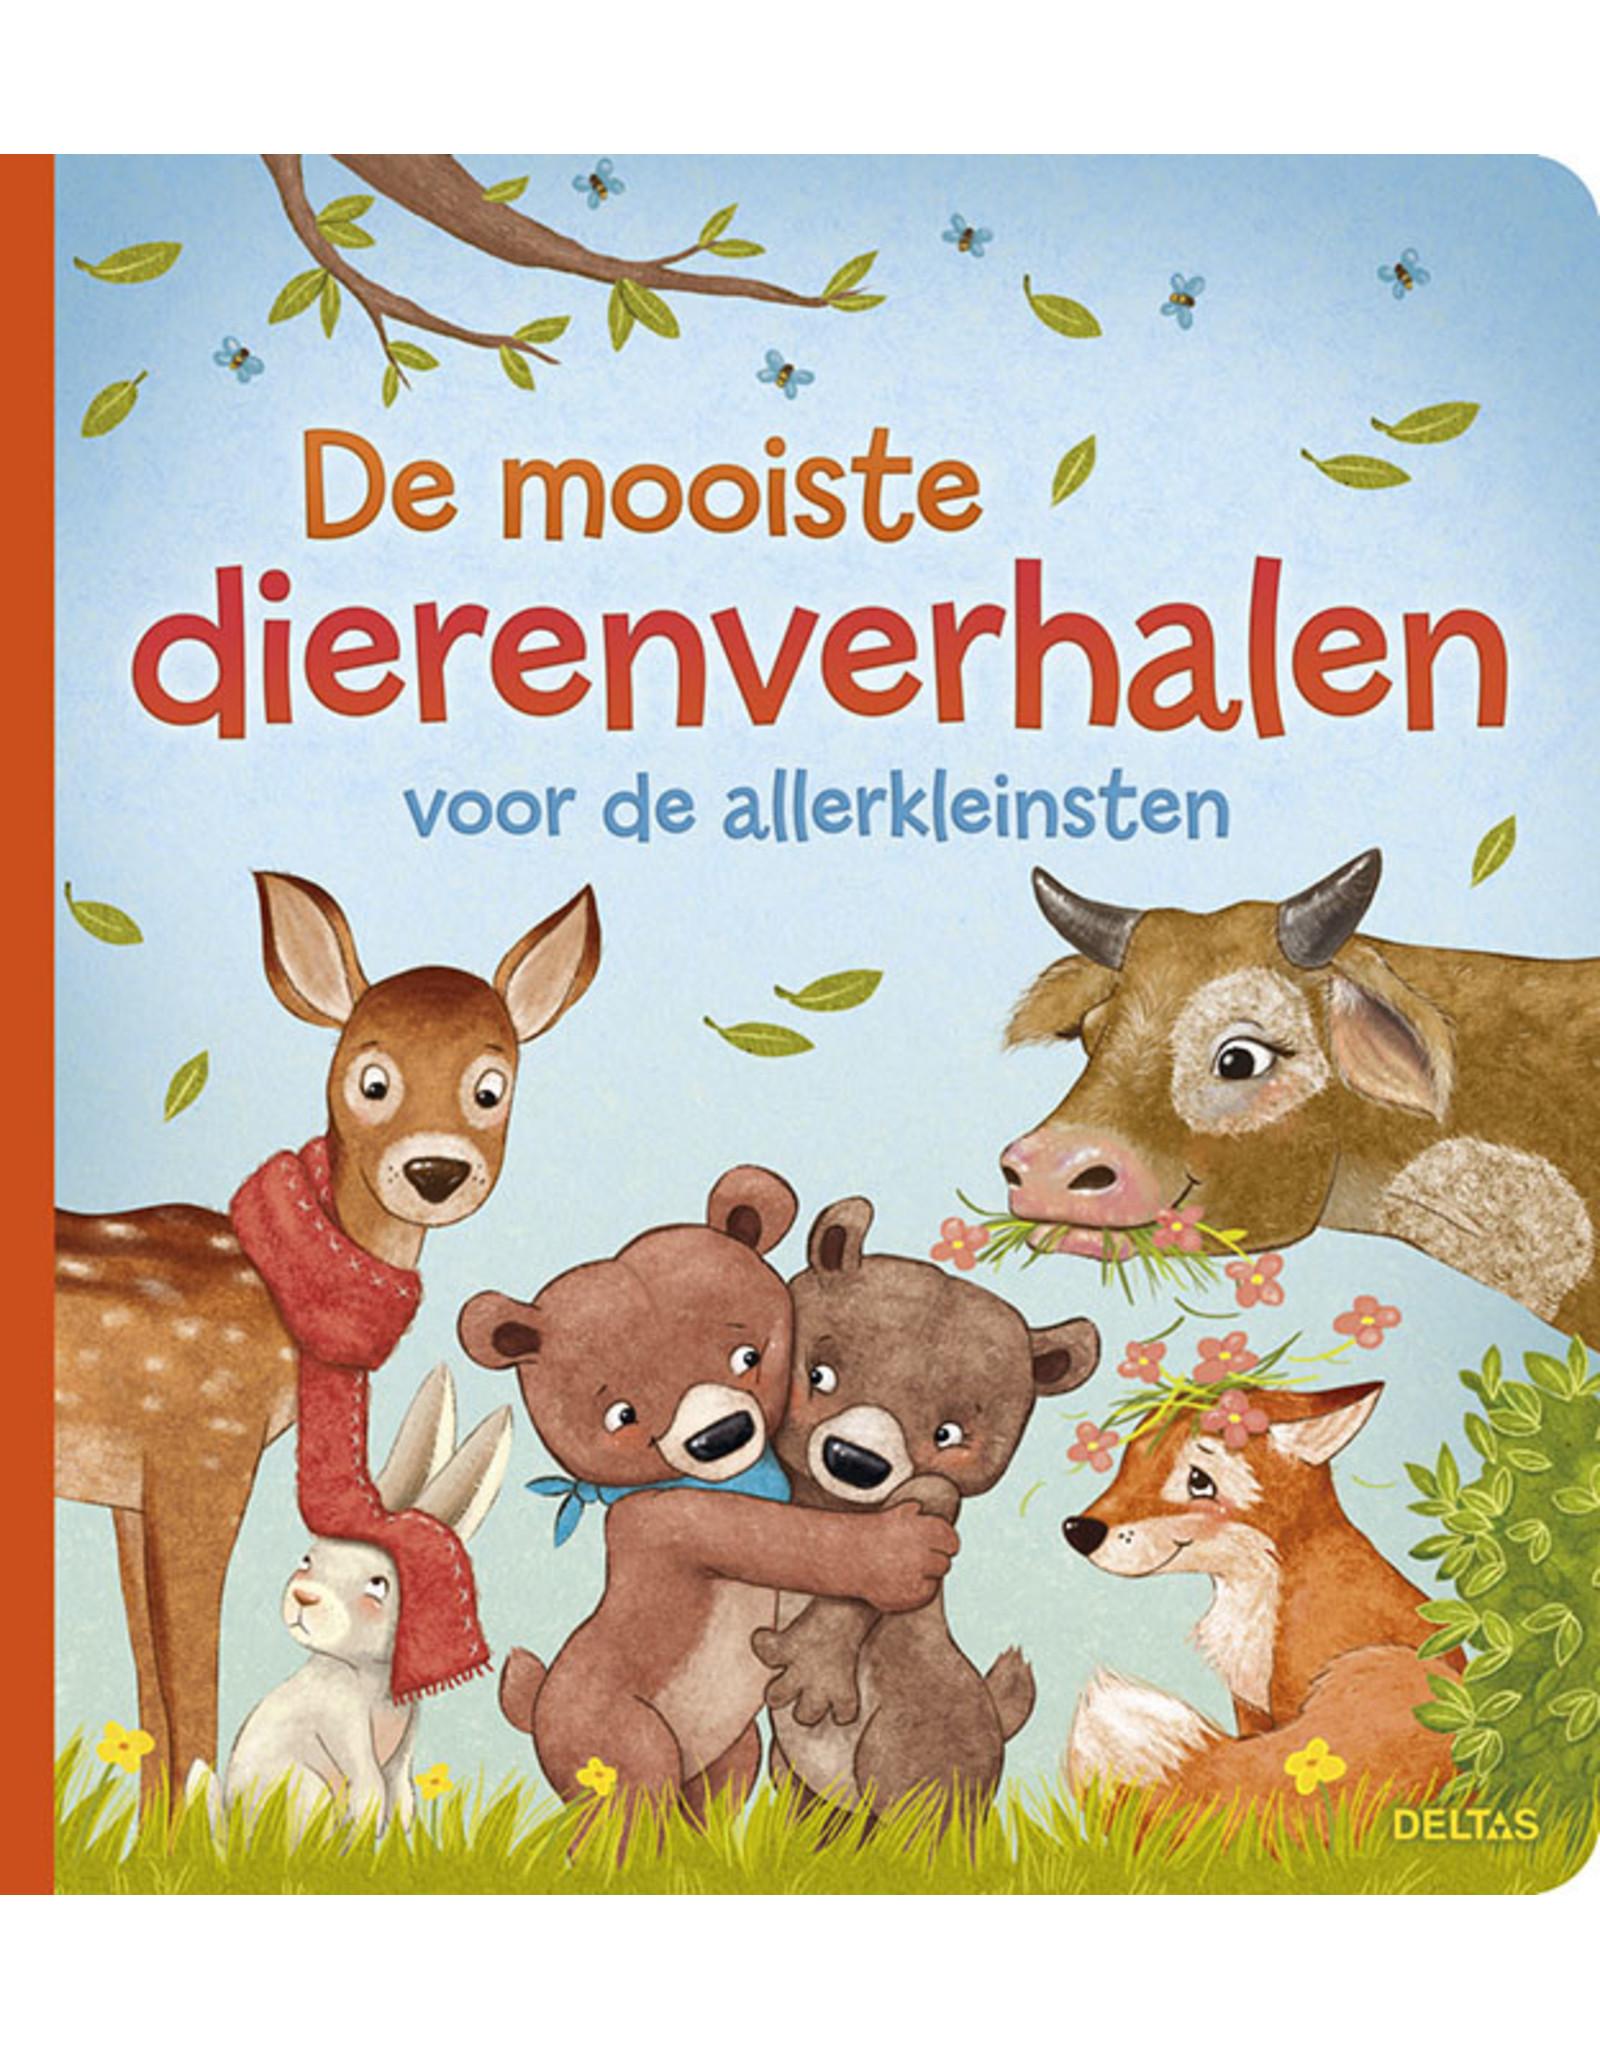 Deltas De mooiste dierenverhalen voor de allerkleinsten